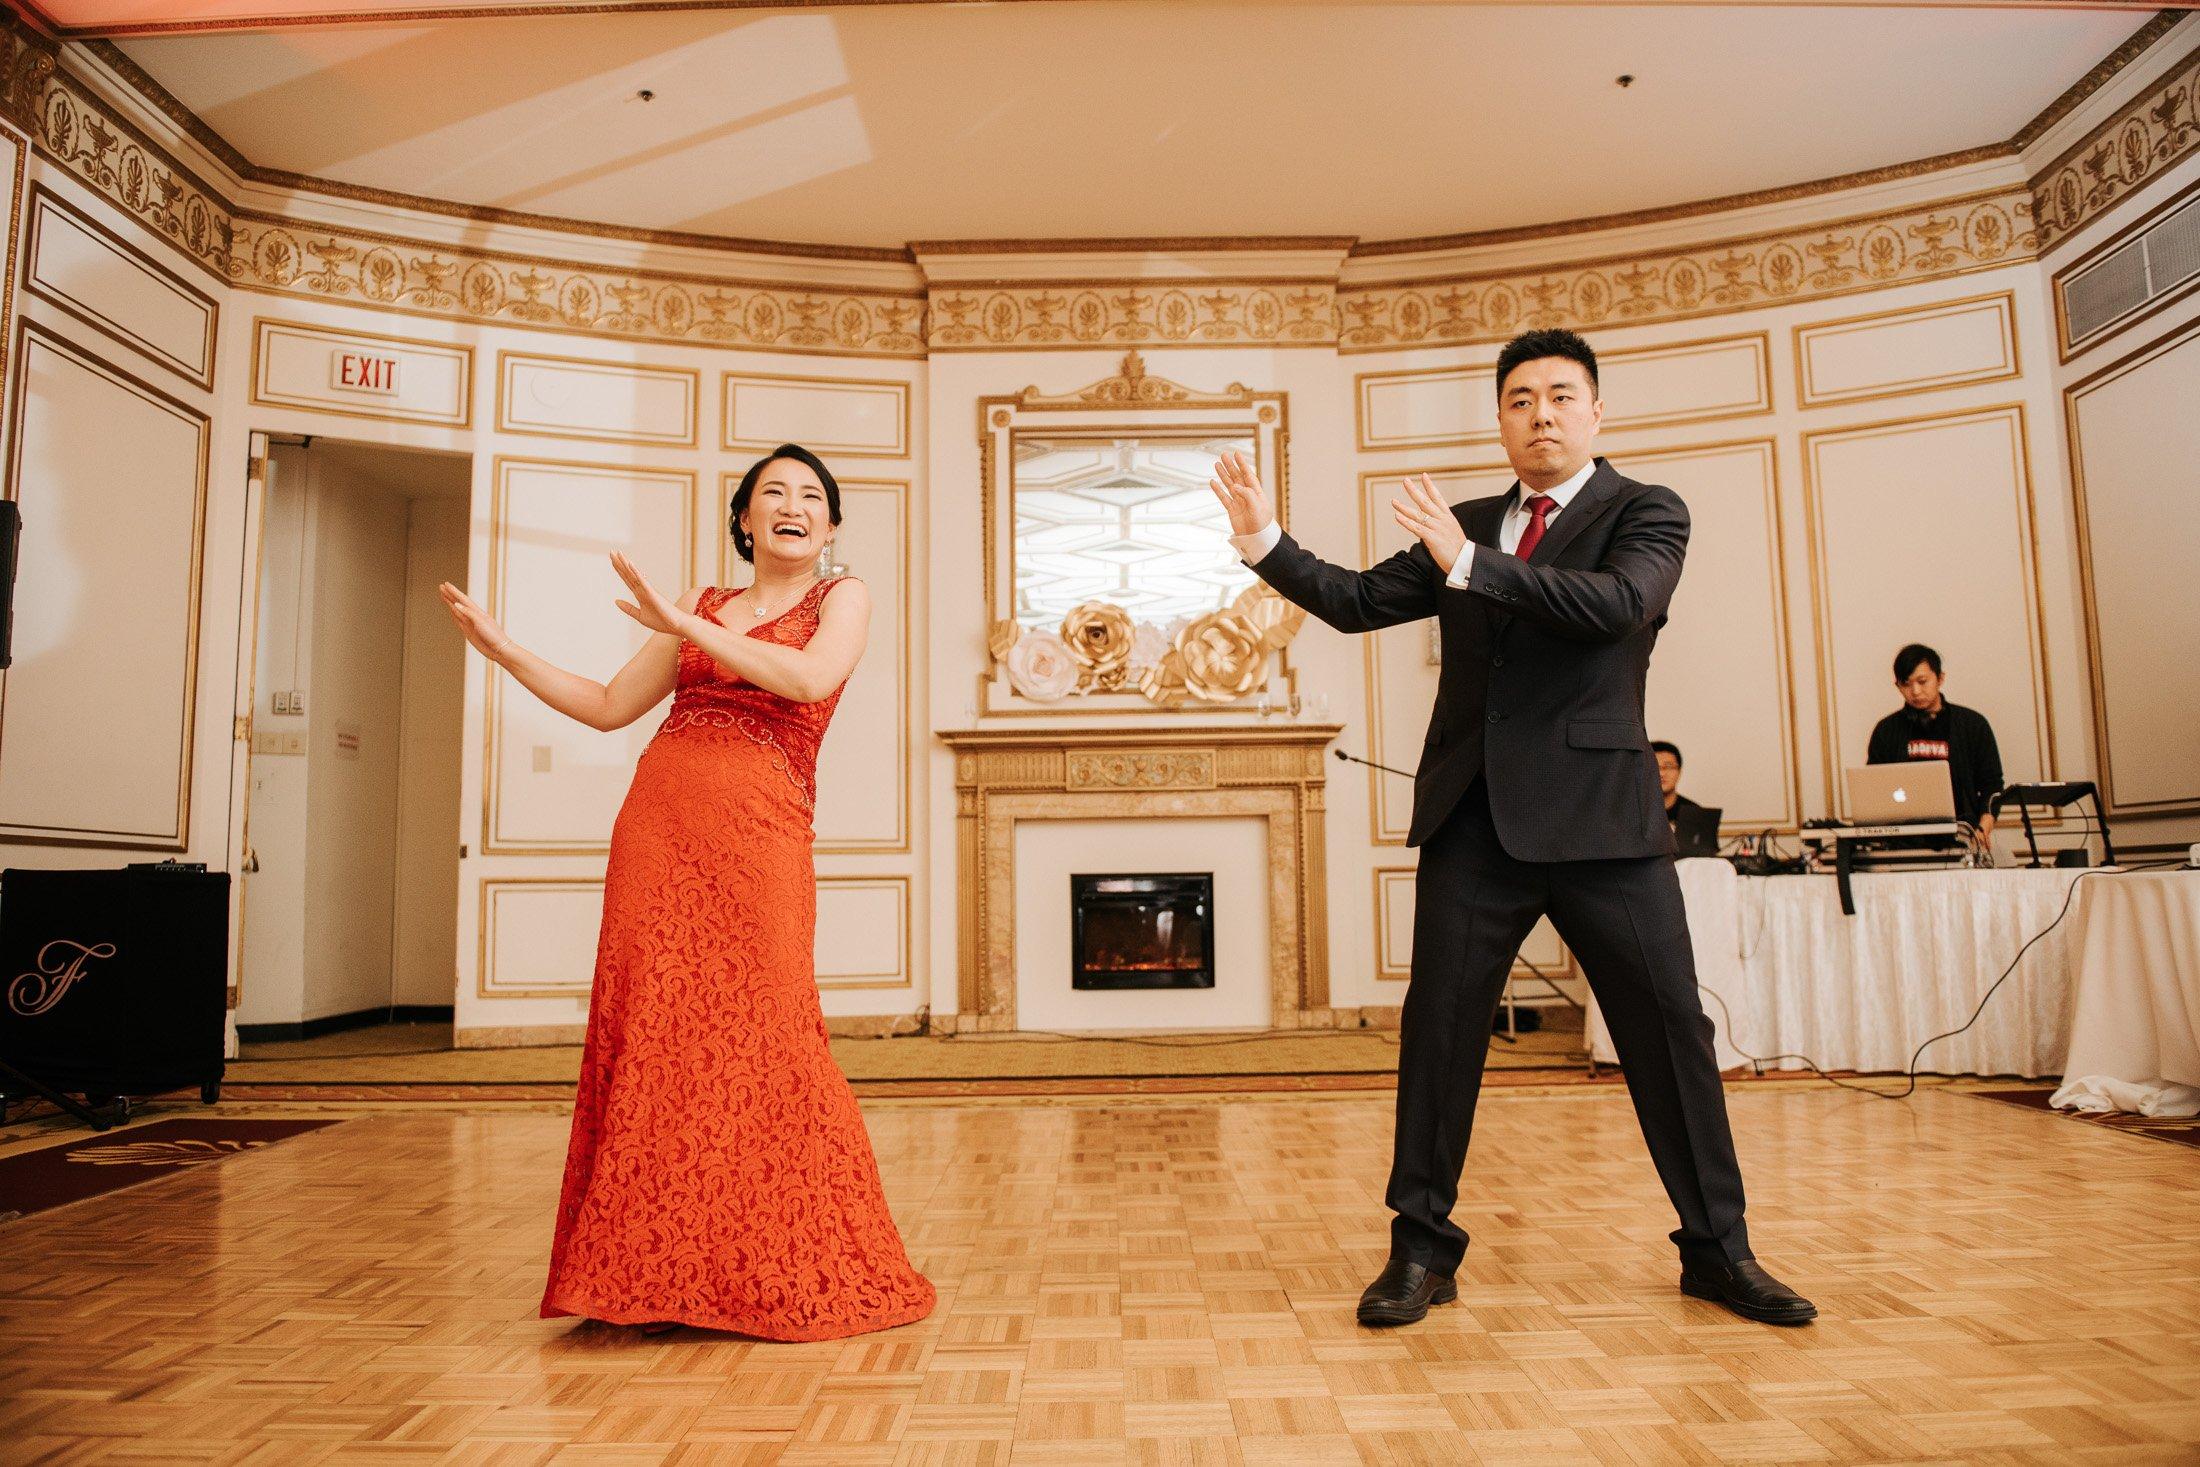 Fairmont Hotel Vancouver dance